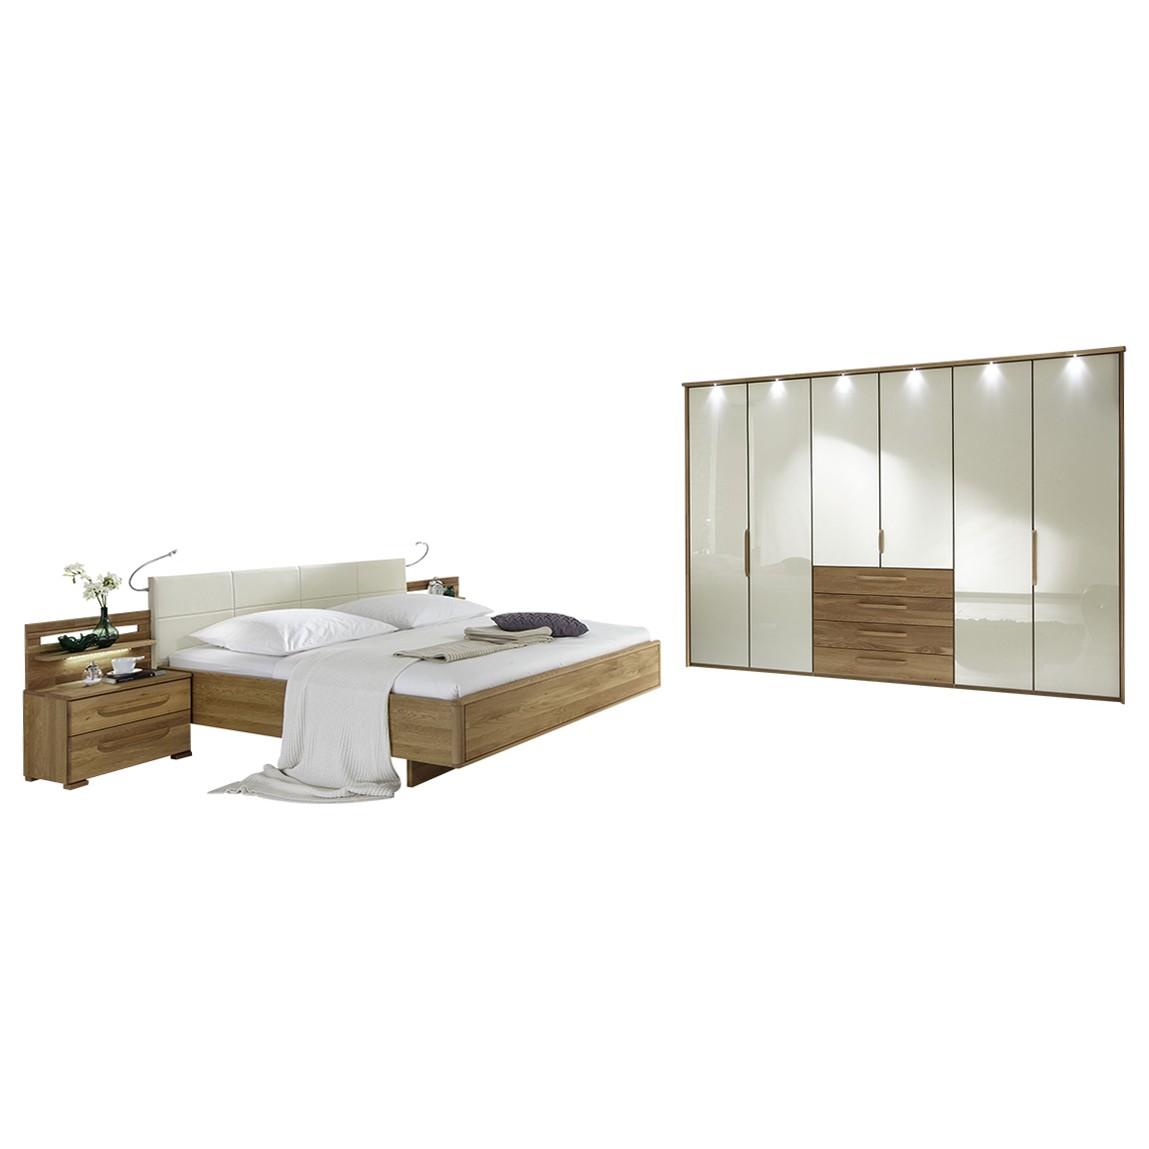 Schlafzimmer Torino I – Eiche/Magnolie/Magnolie, Althoff günstig bestellen